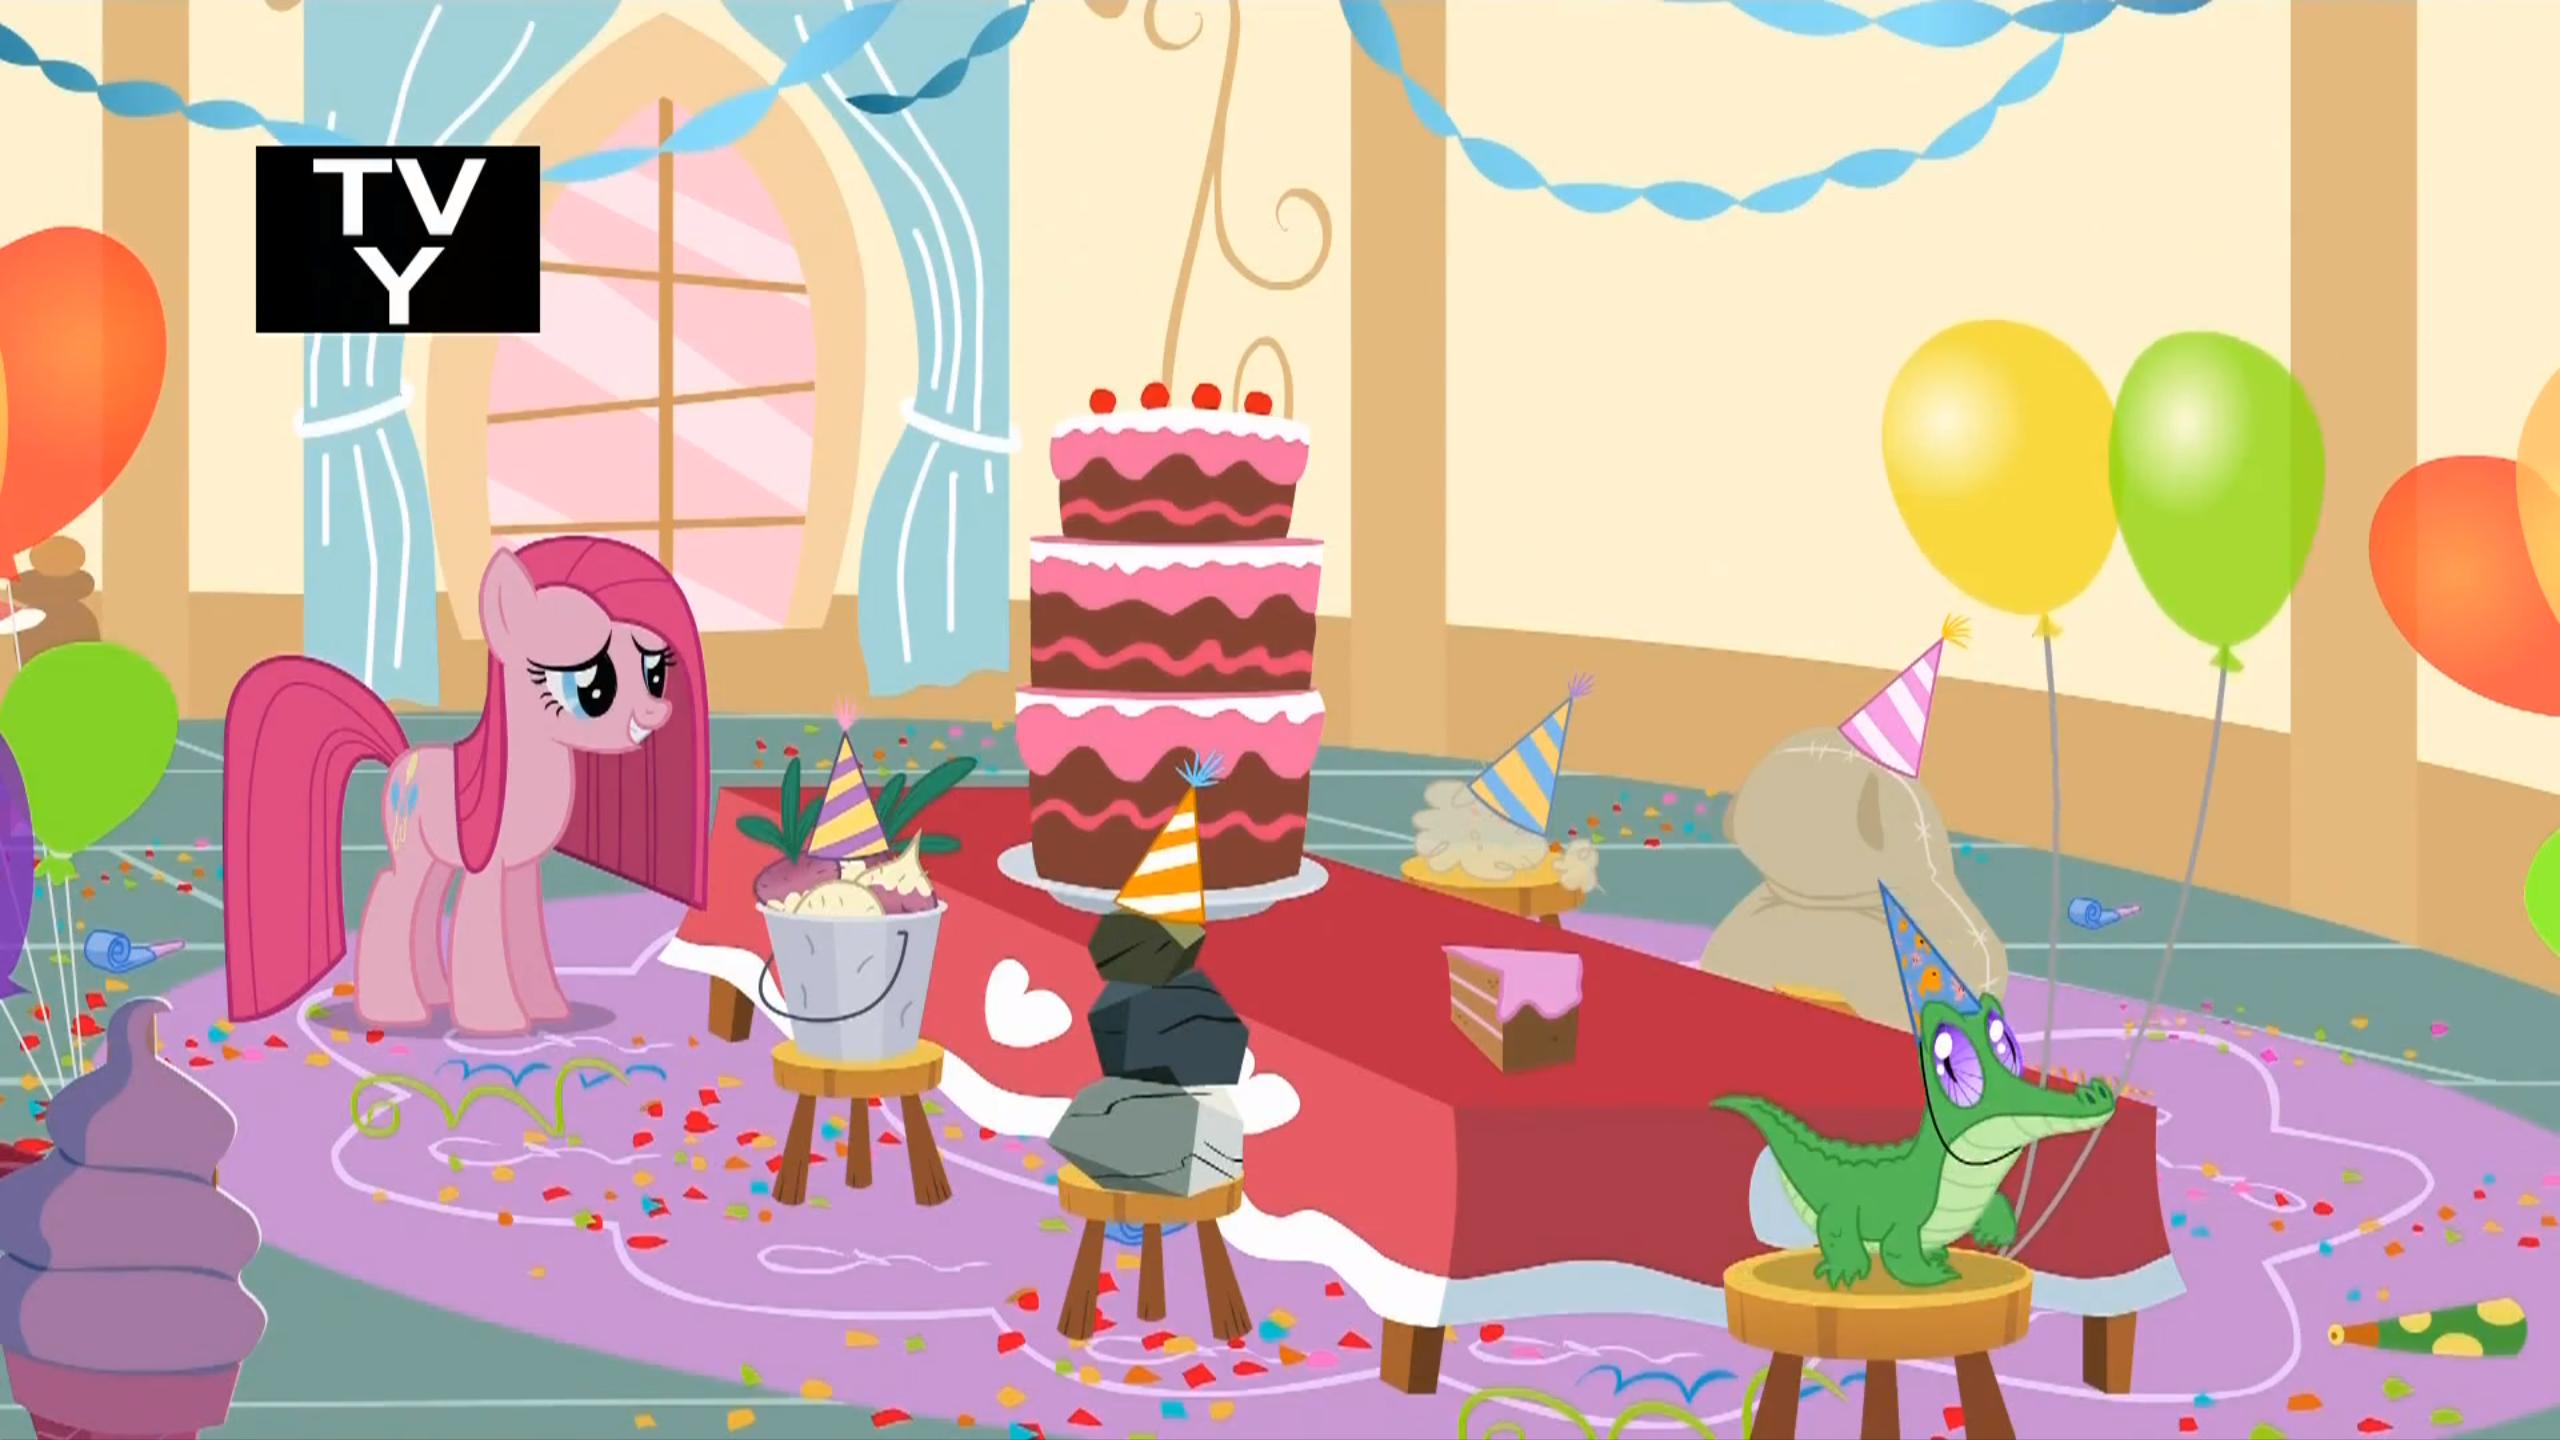 Výsledek obrázku pro mlp tom Pinkie Pie imaginary friends